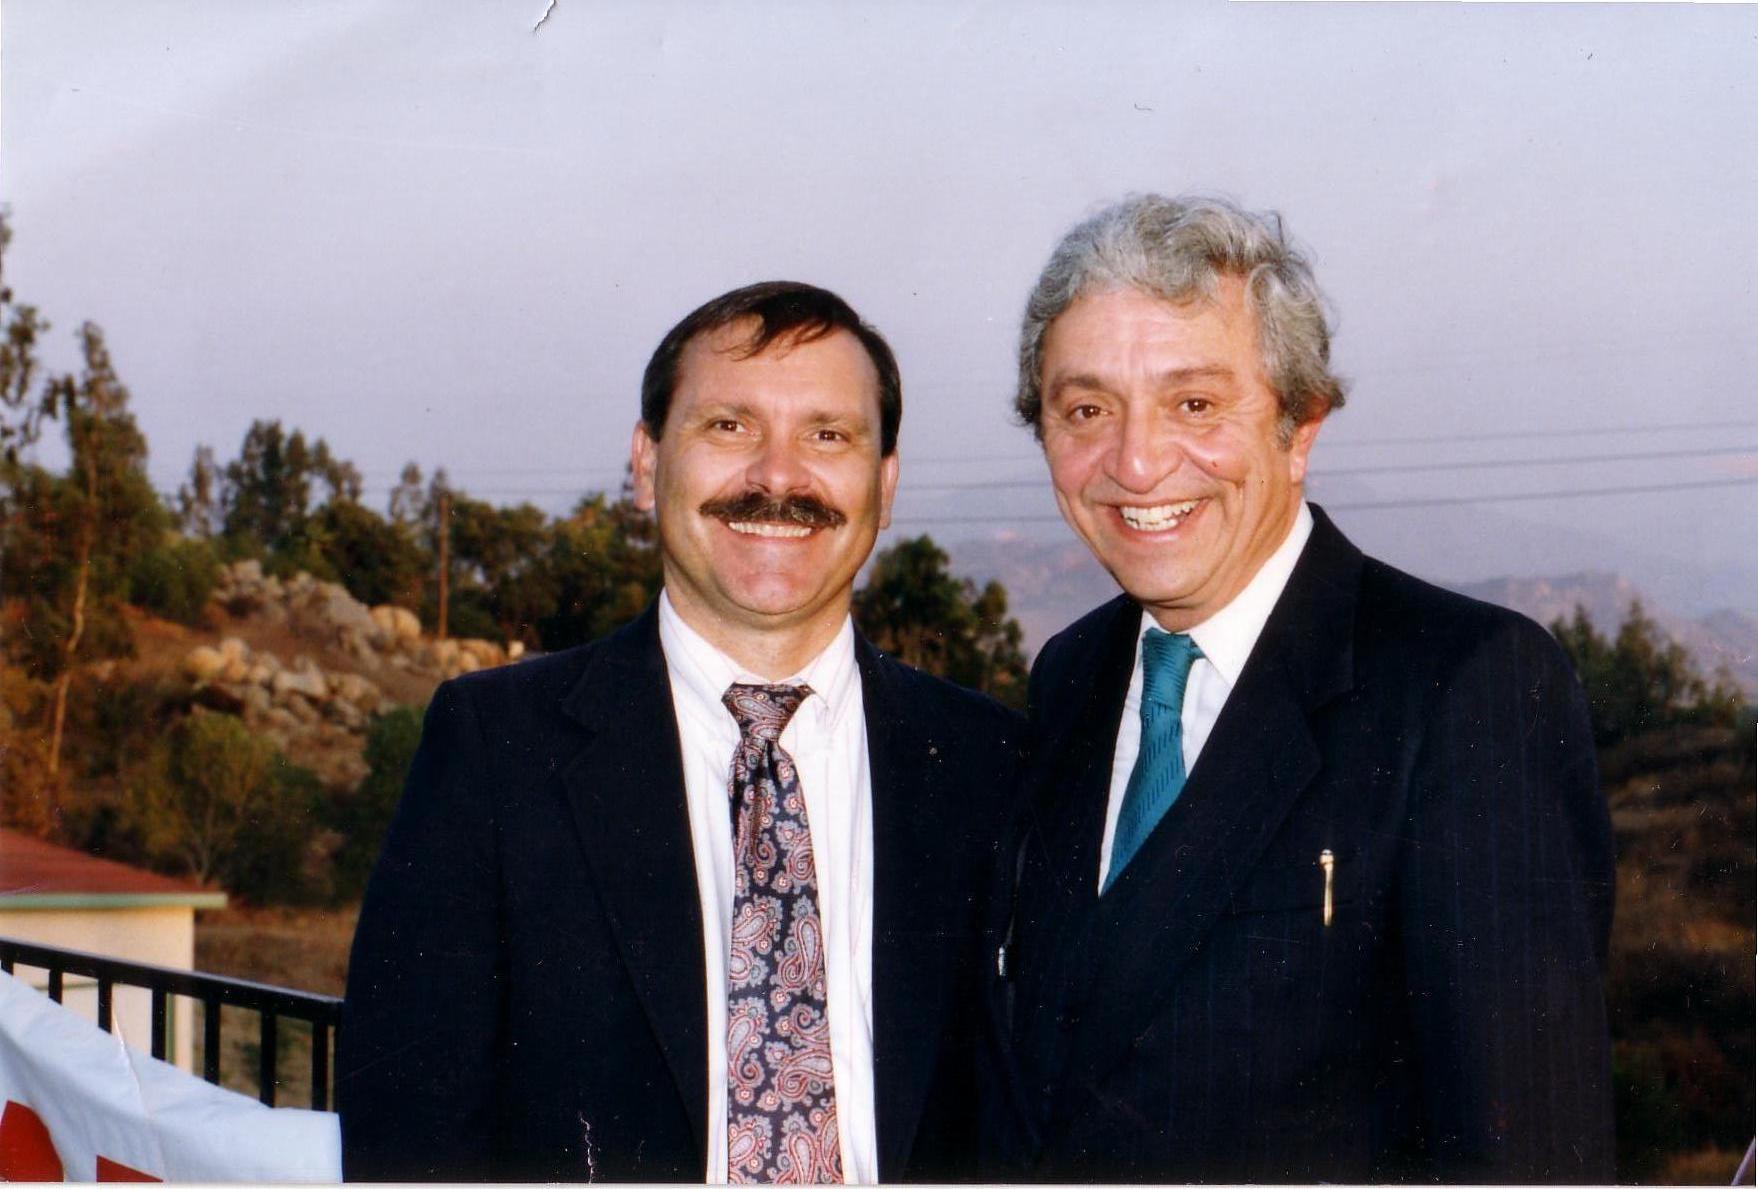 MIke & Bruce Herschenshon